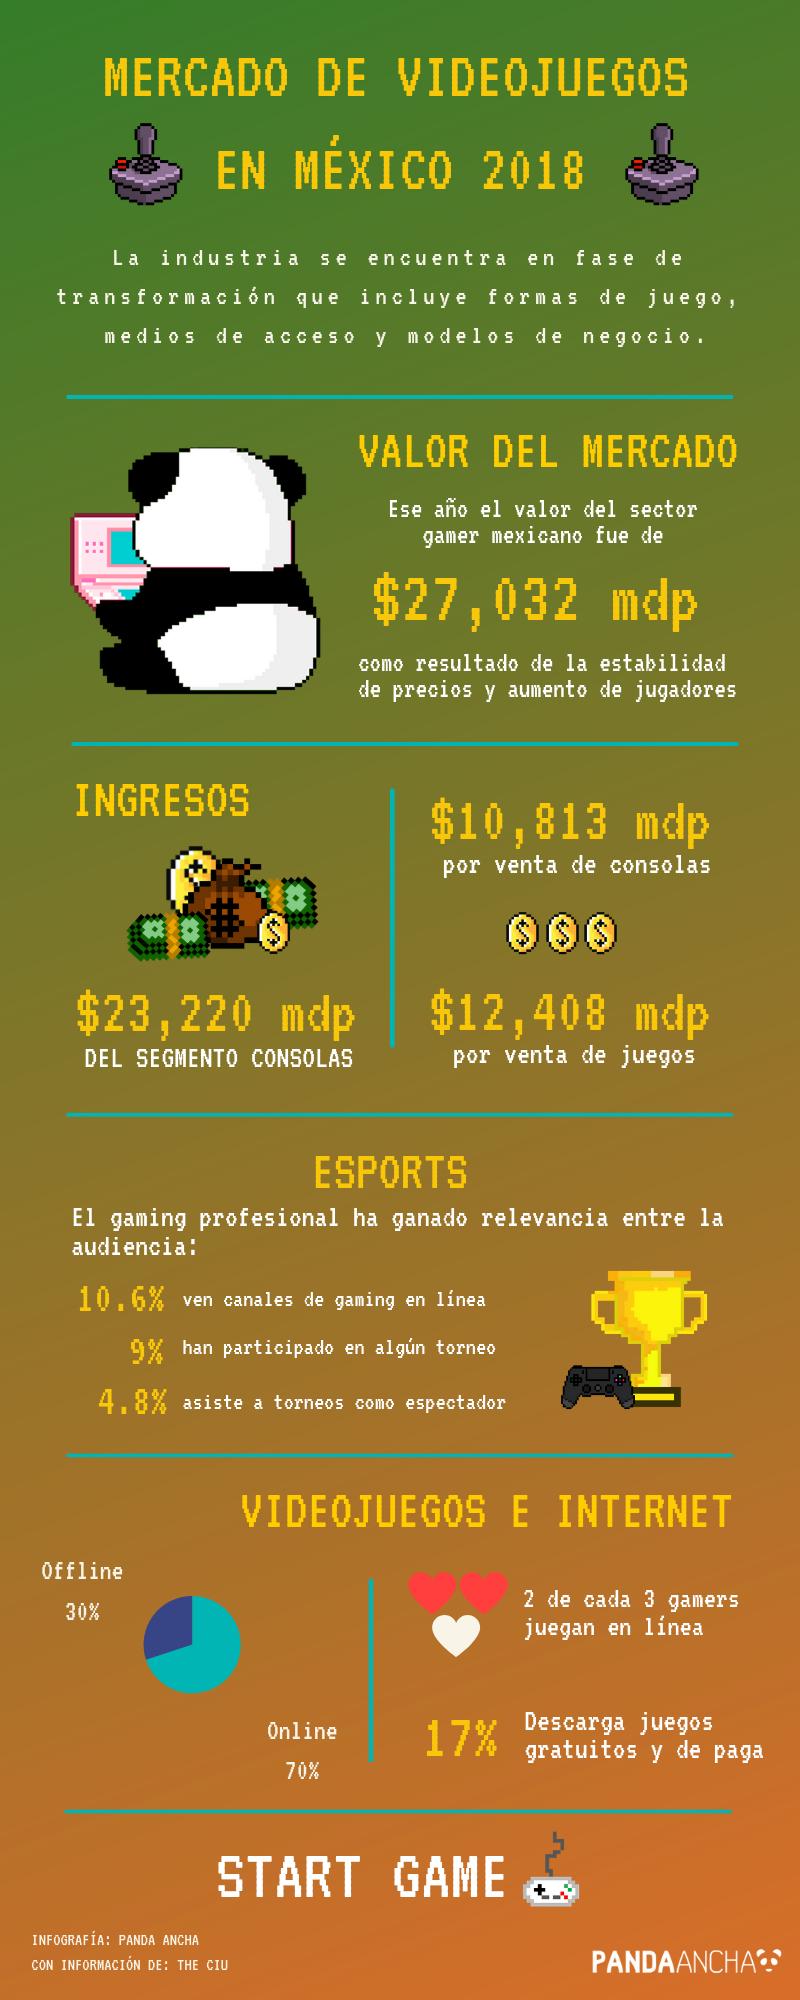 Infografía del mercado de videojuegos en México en 2018